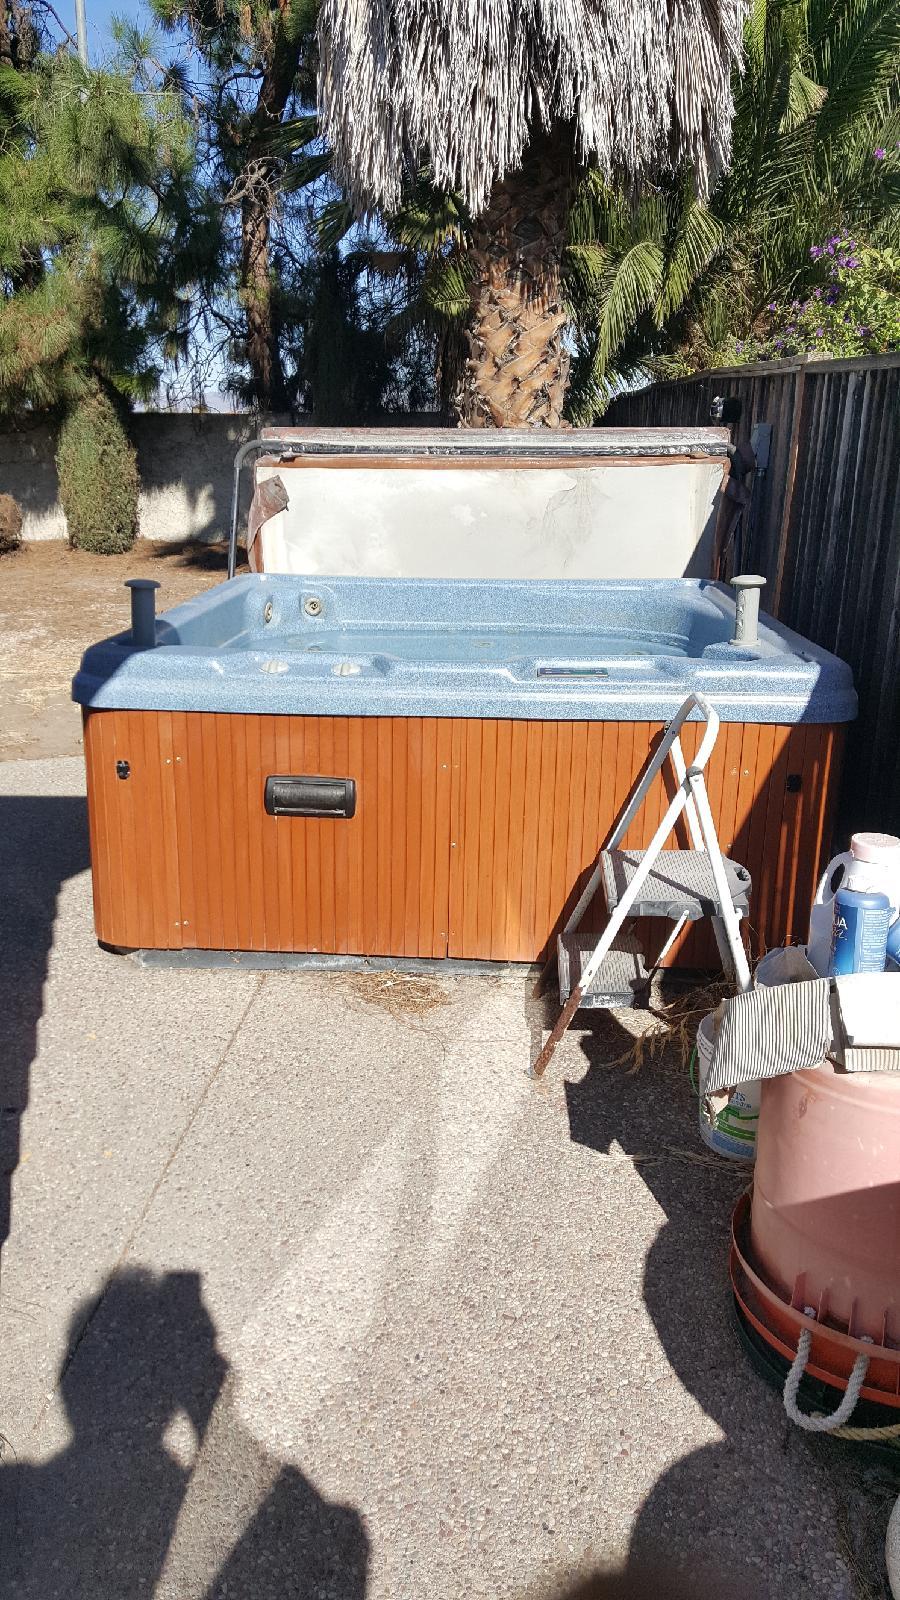 KeysBackyard 6-8 person Hot Tub - Hot Tub Insider